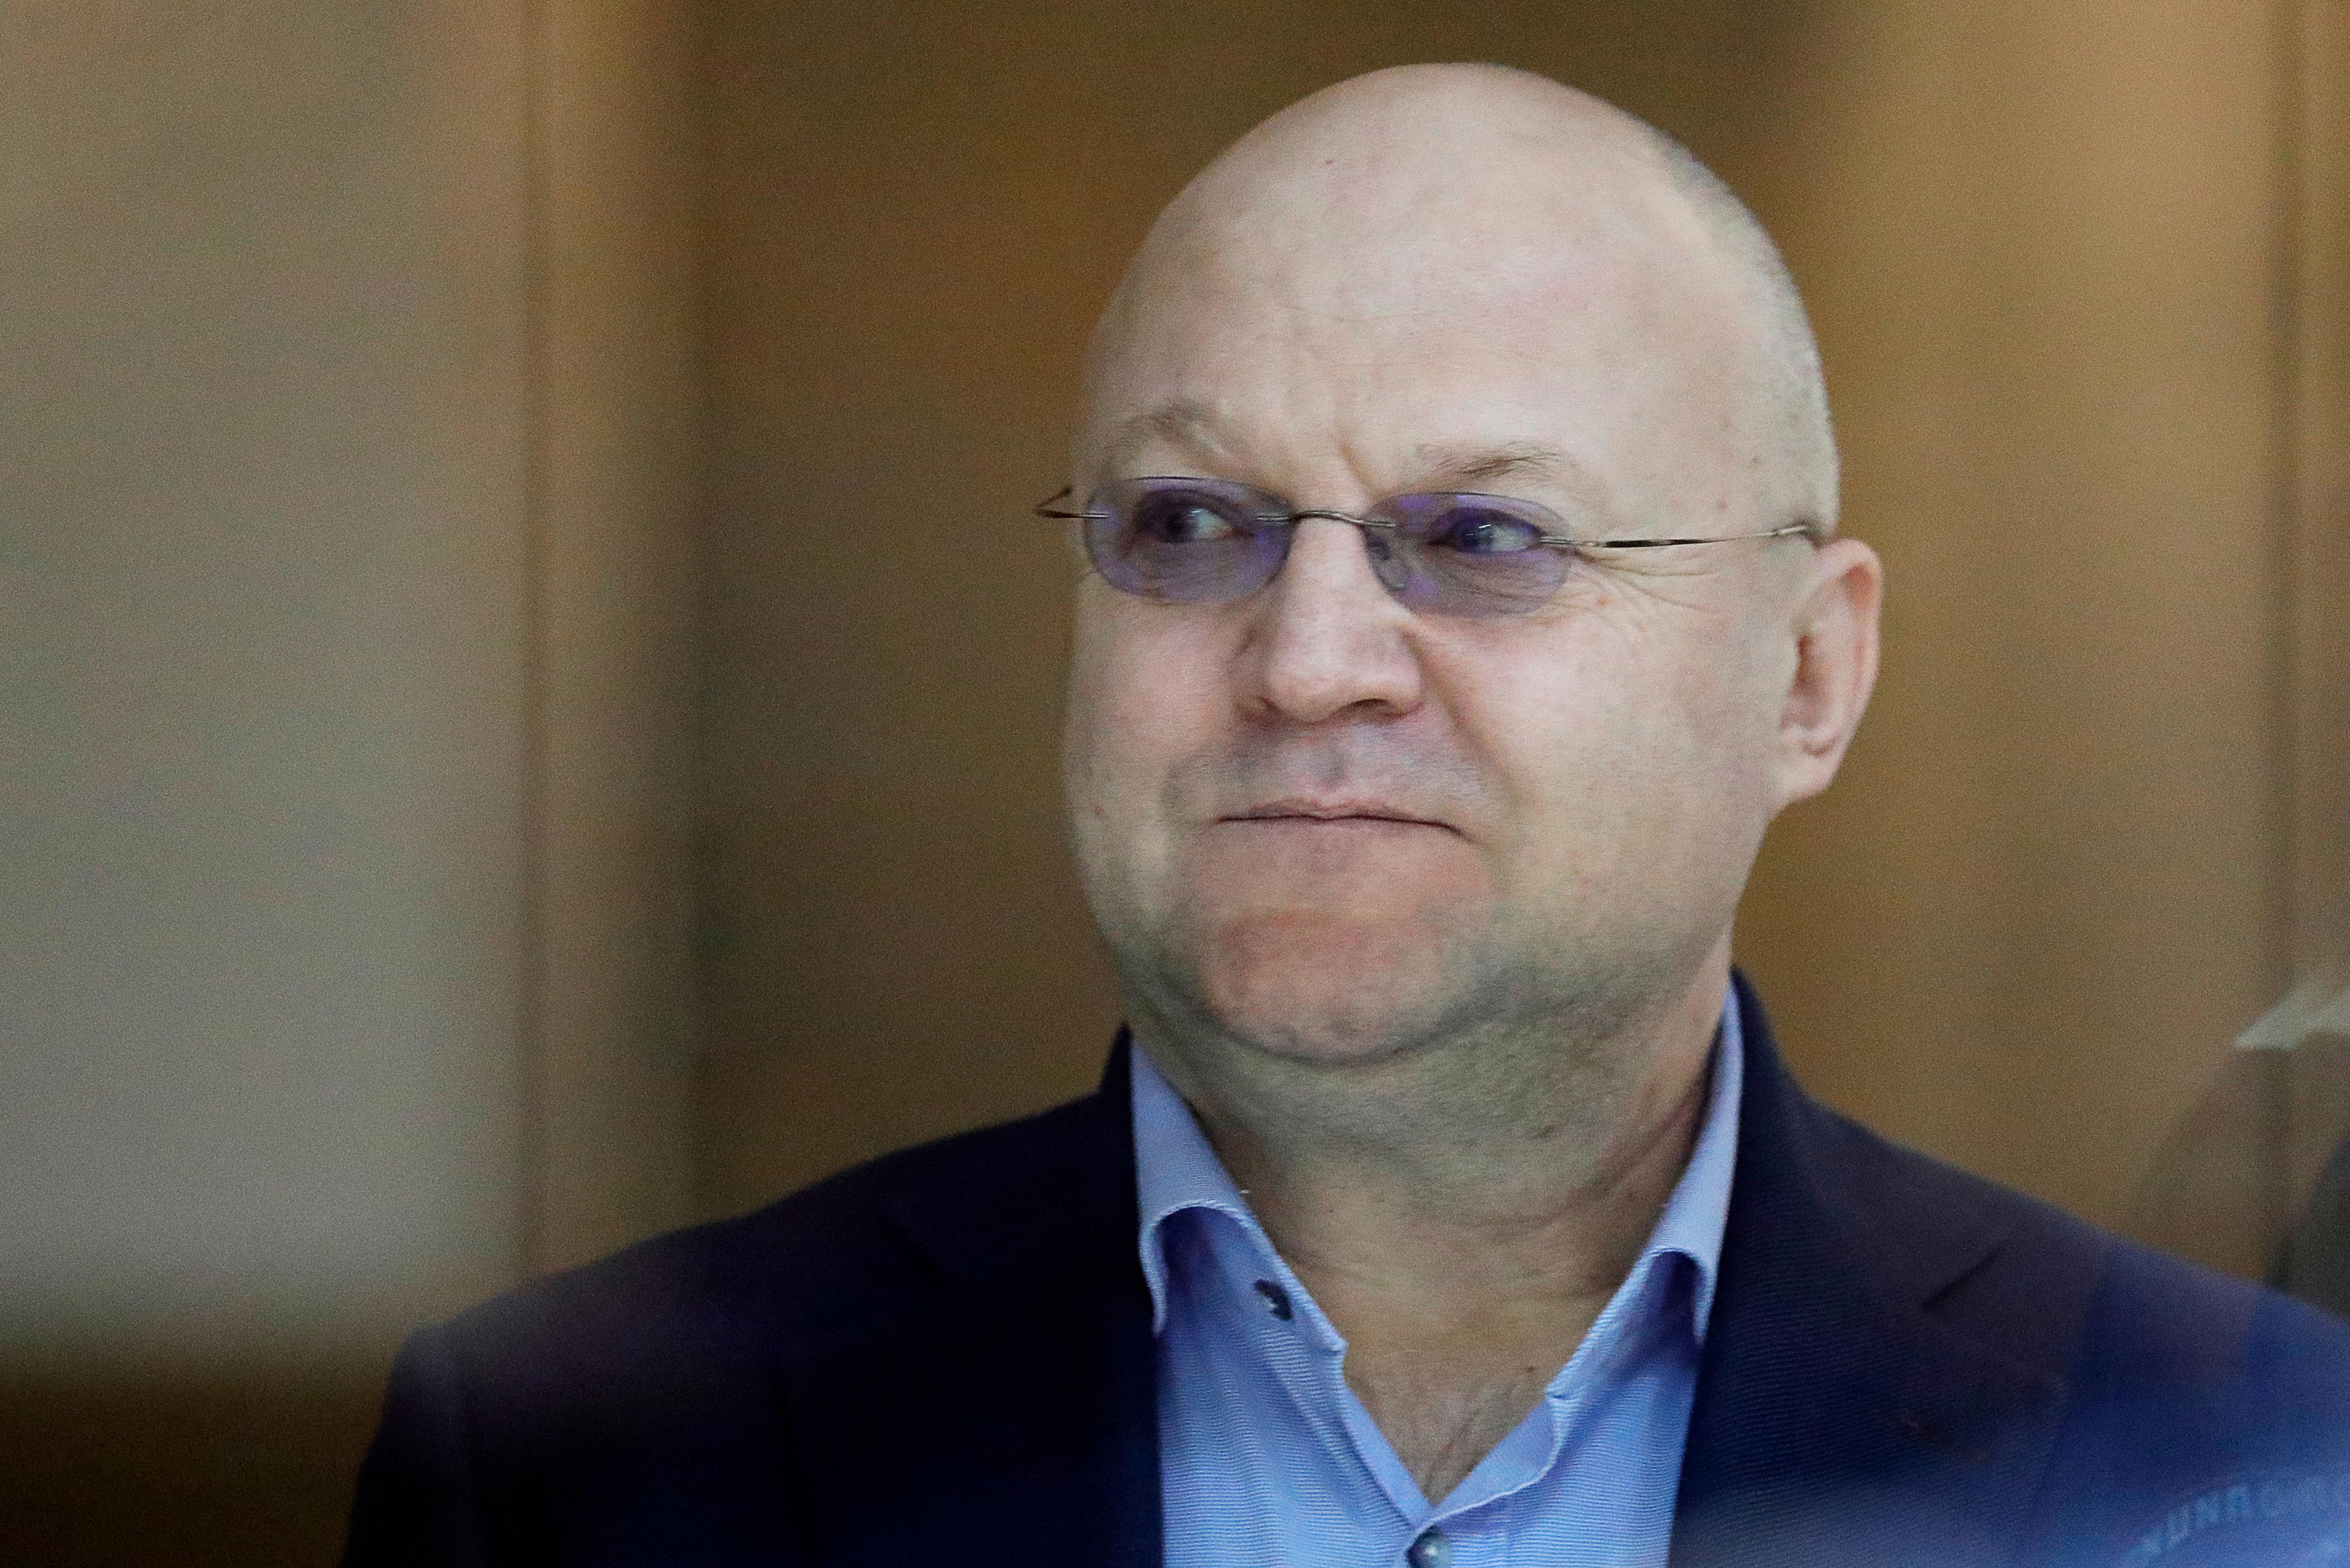 Суд оставил в силе приговор бывшему начальнику столичного главка СКР Дрыманову